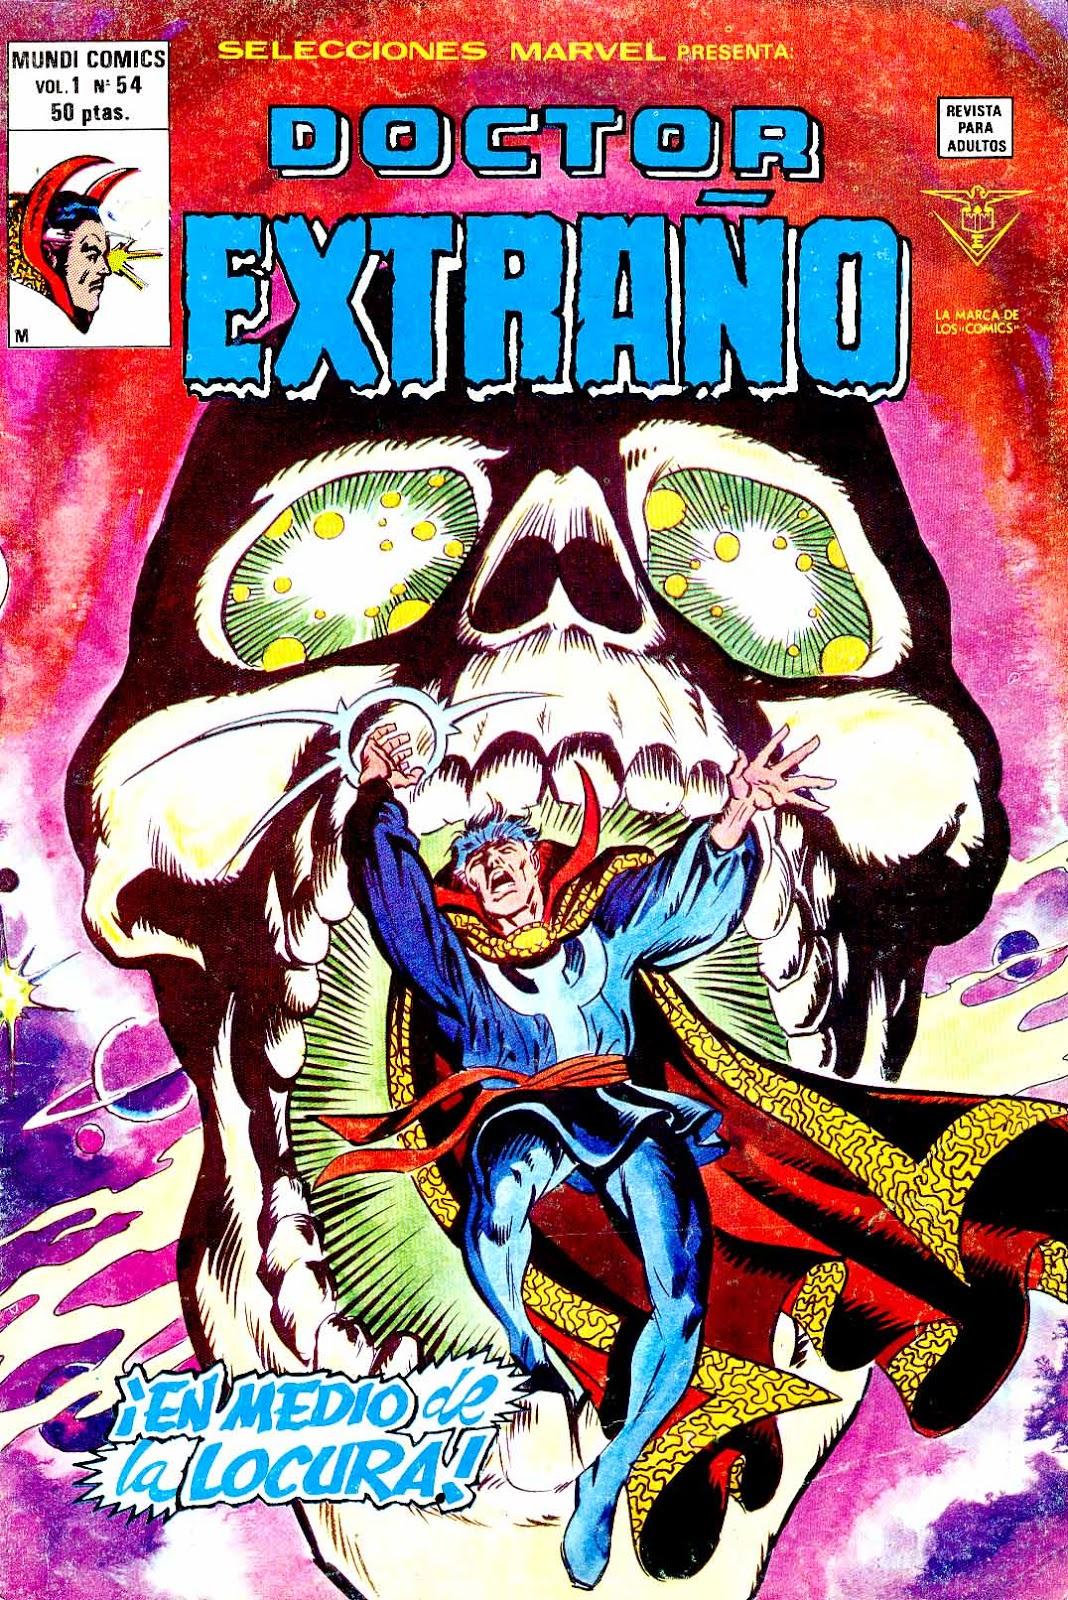 Portada Selecciones Marvel Volumen 1 Nº 54 Ediciones Vértice